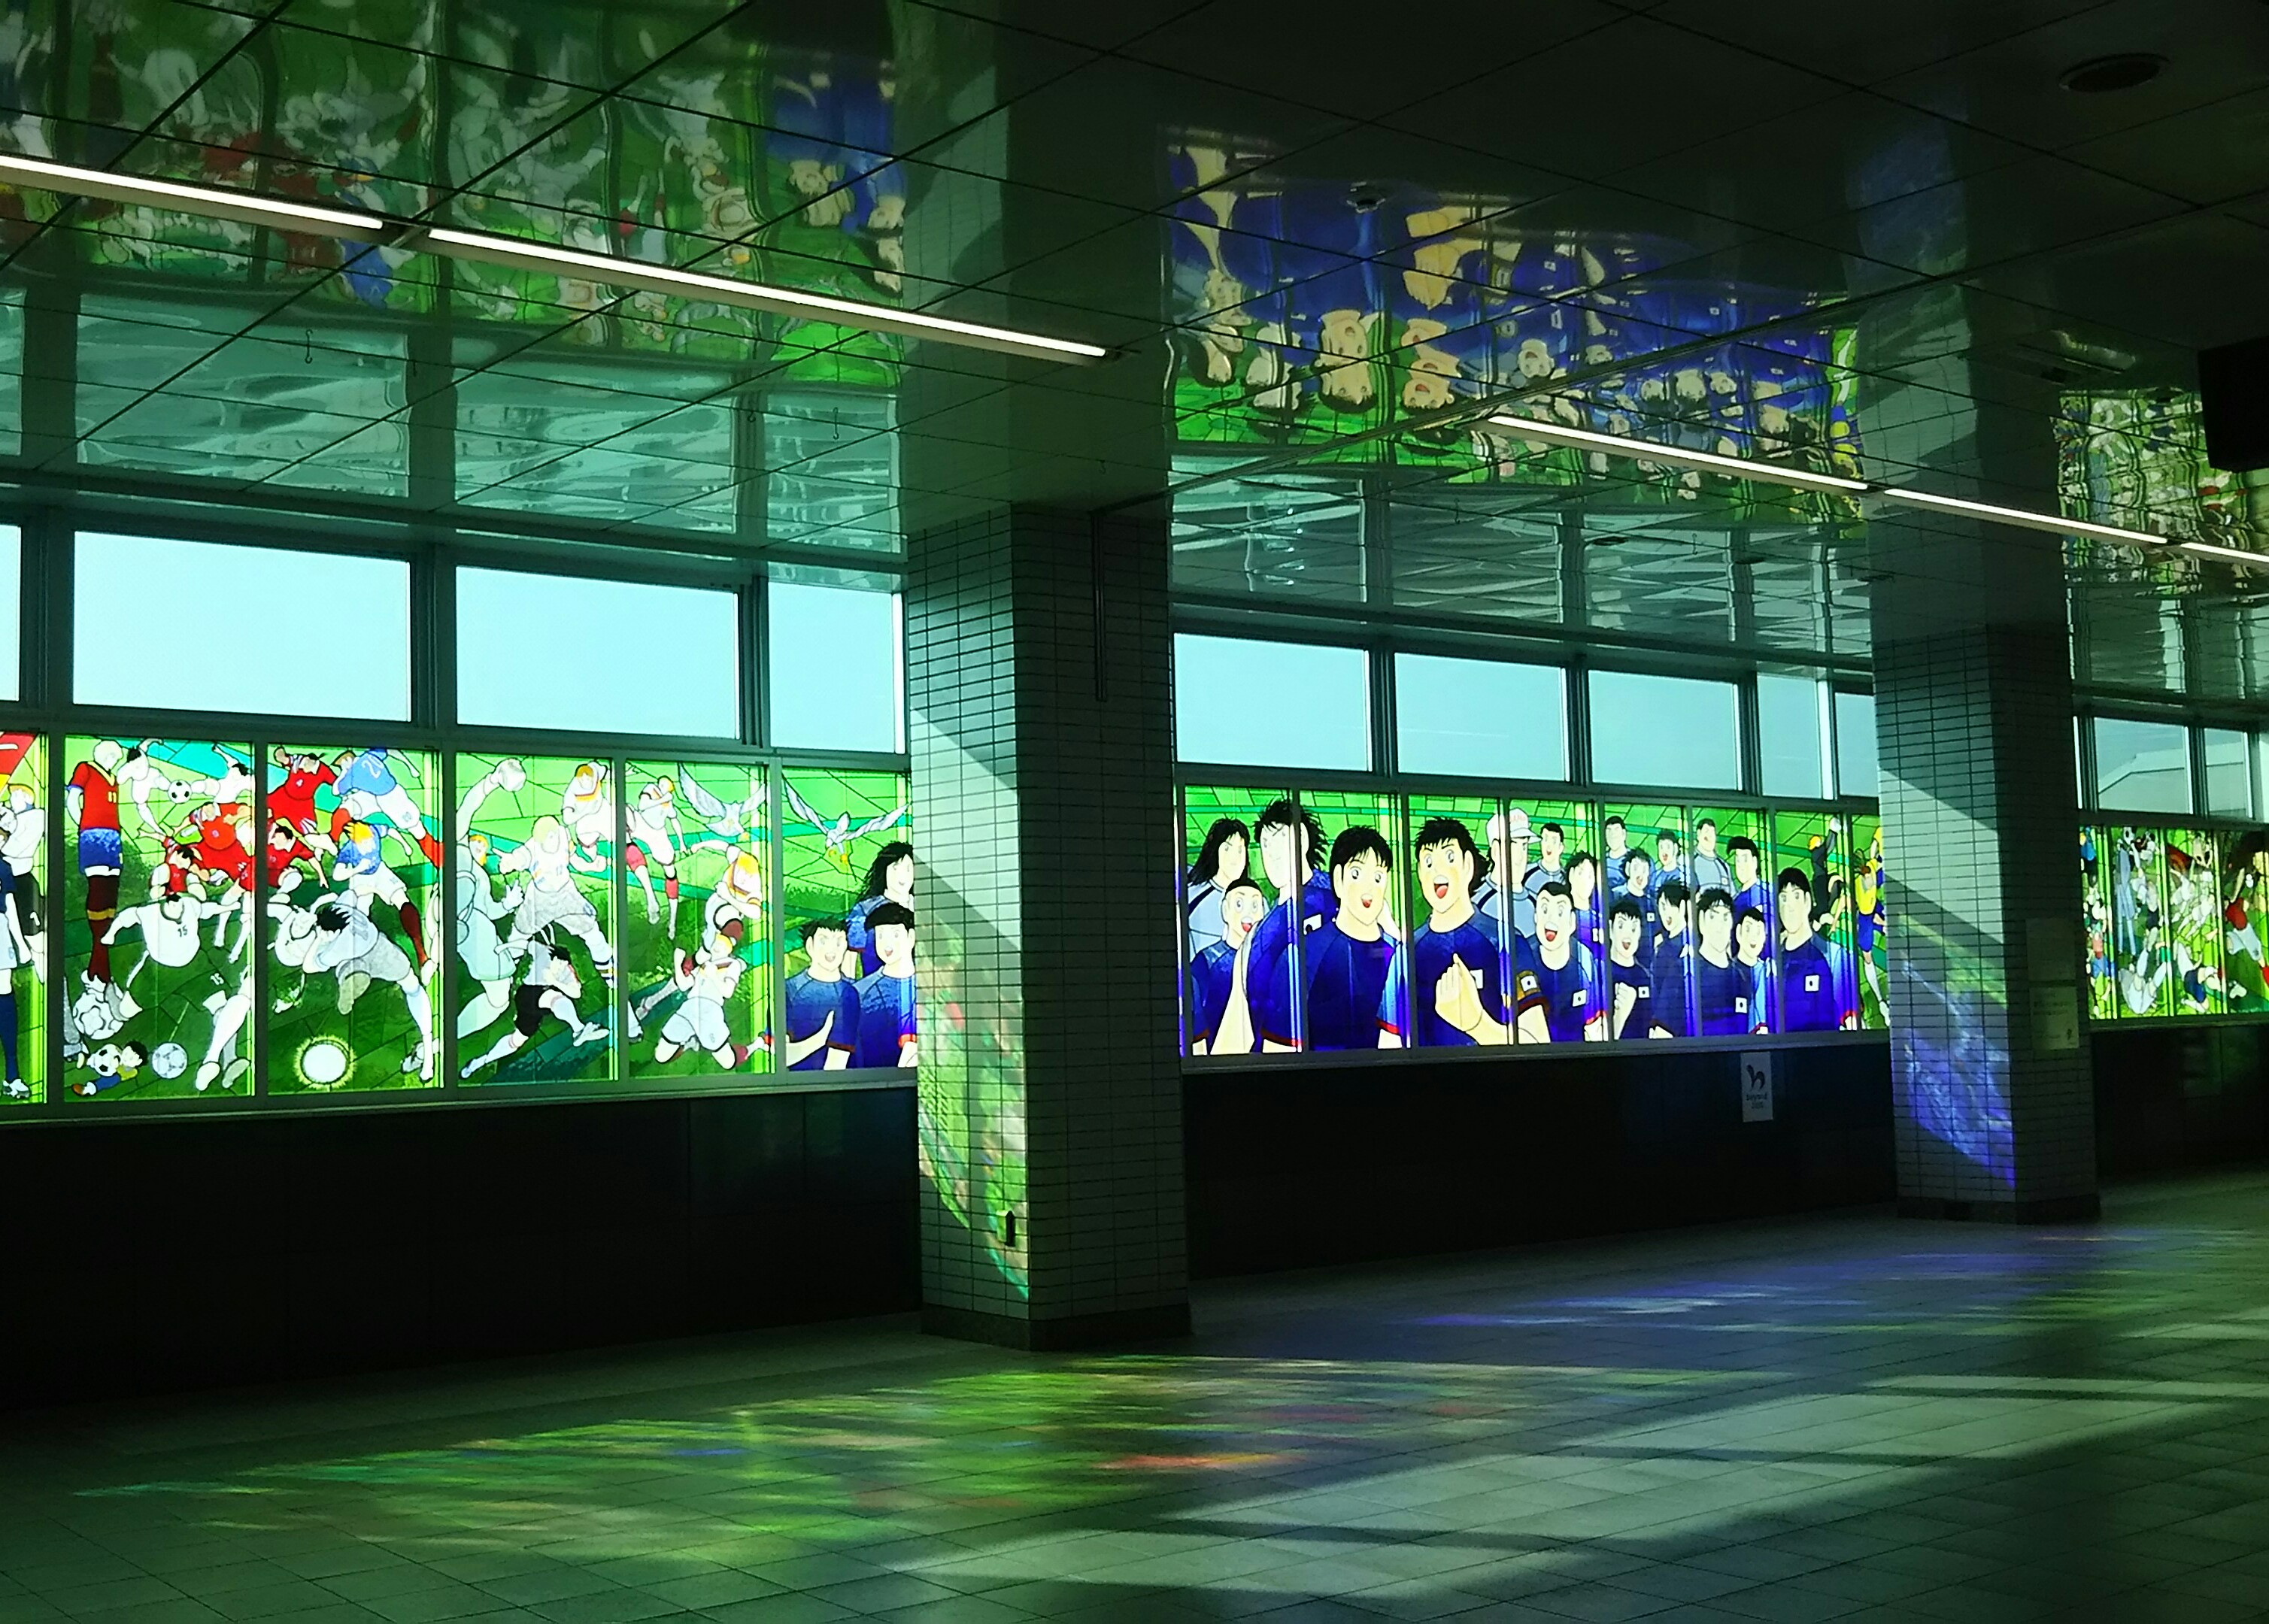 埼玉スタジアムの最寄り駅を飾る「キャプテン翼」のステンドグラス